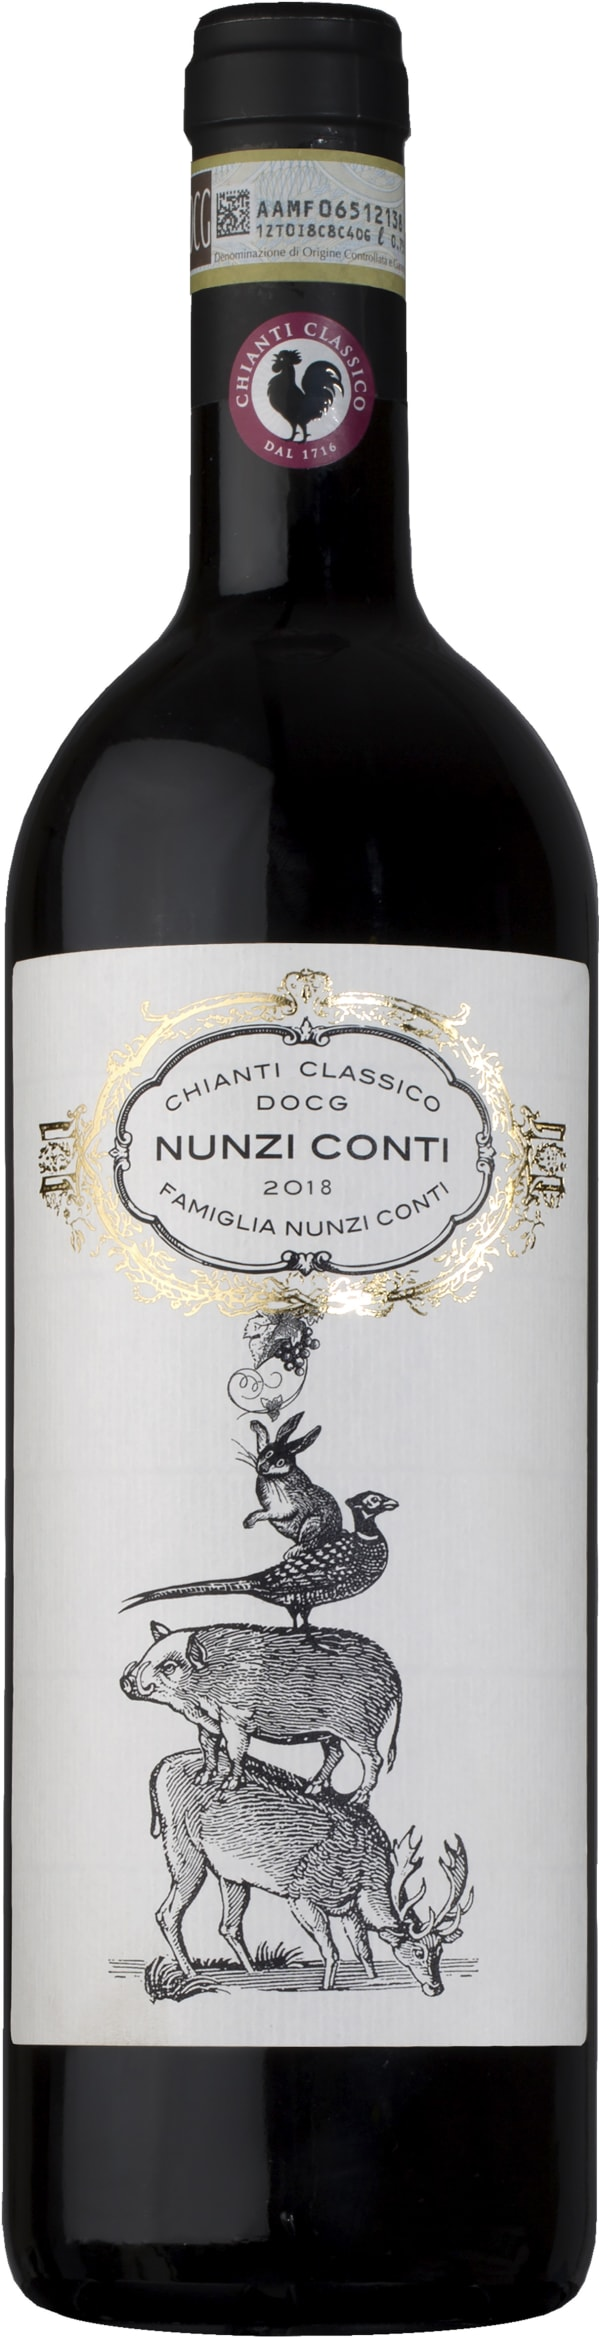 Nunzi Conti Chianti Classico 2018